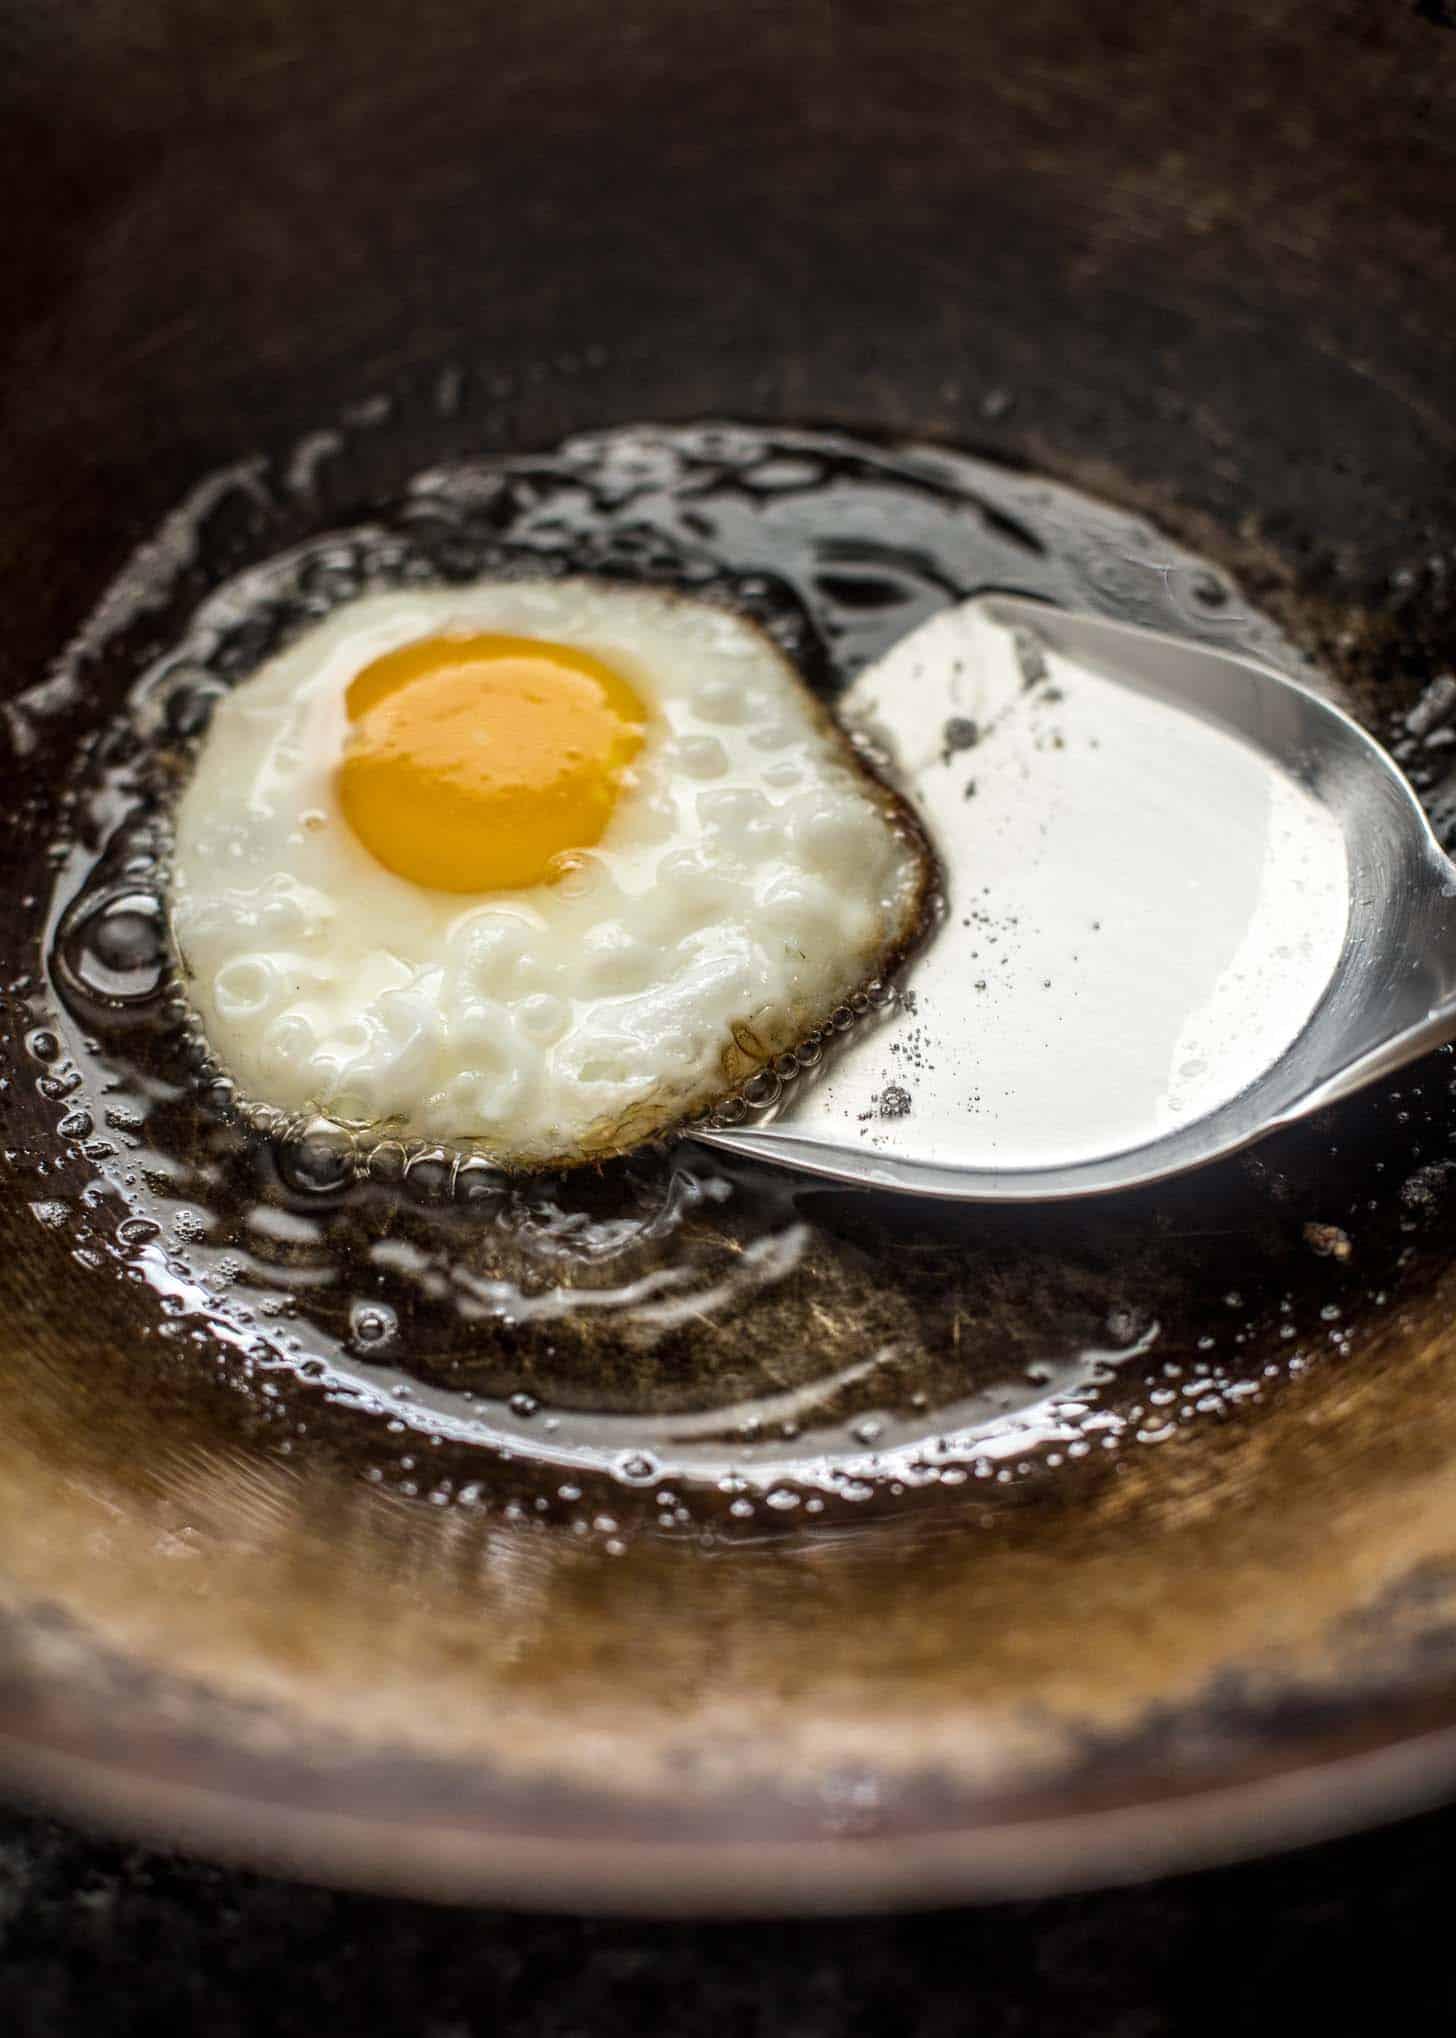 frying an egg in a wok